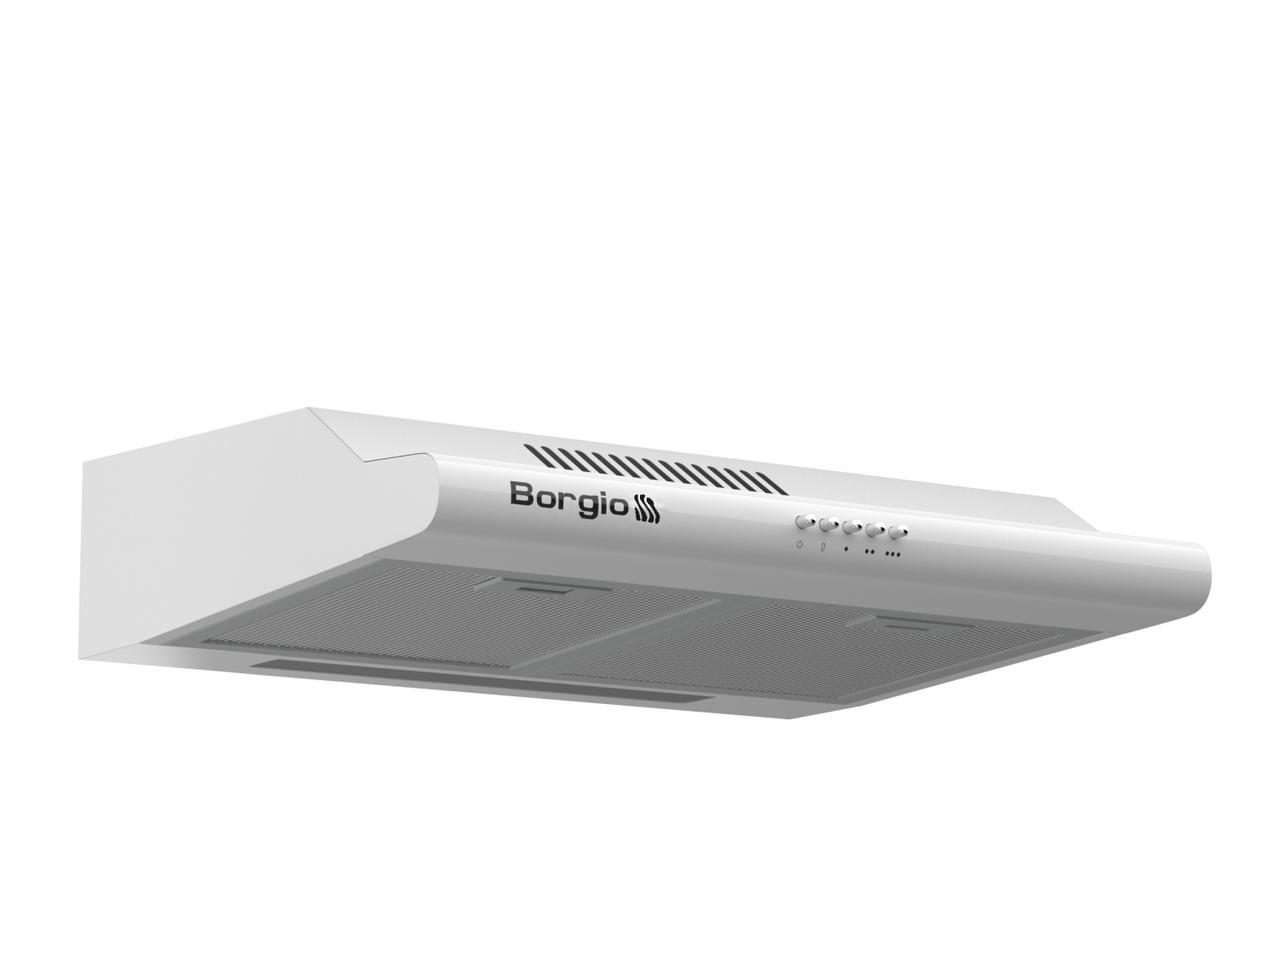 Кухонная вытяжка Borgio Gio 50 плоская 500 мм